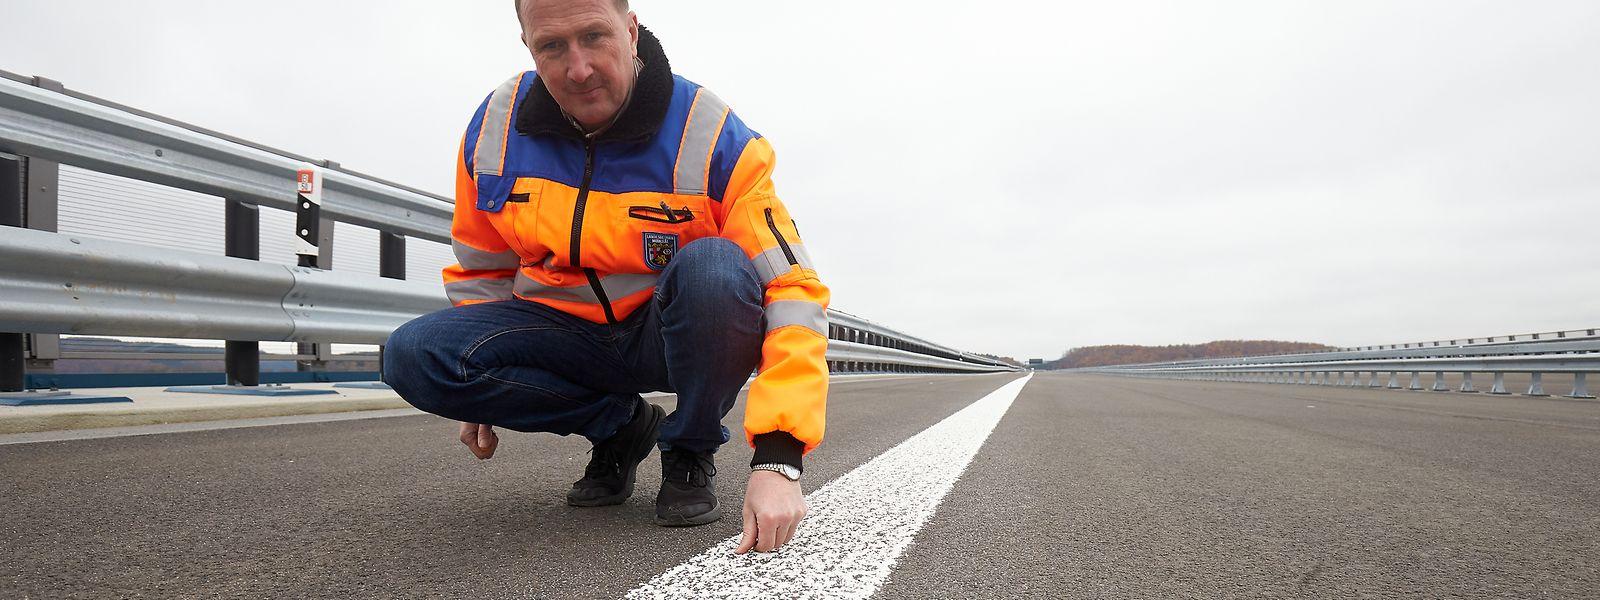 Christoph Schinhofen, Bauaufseher beim Landesbetrieb Mobilität Rheinland-Pfalz, begutachtet die soeben aufgebrachten Fahrbahnmarkierungen auf der Hochmoselbrücke.